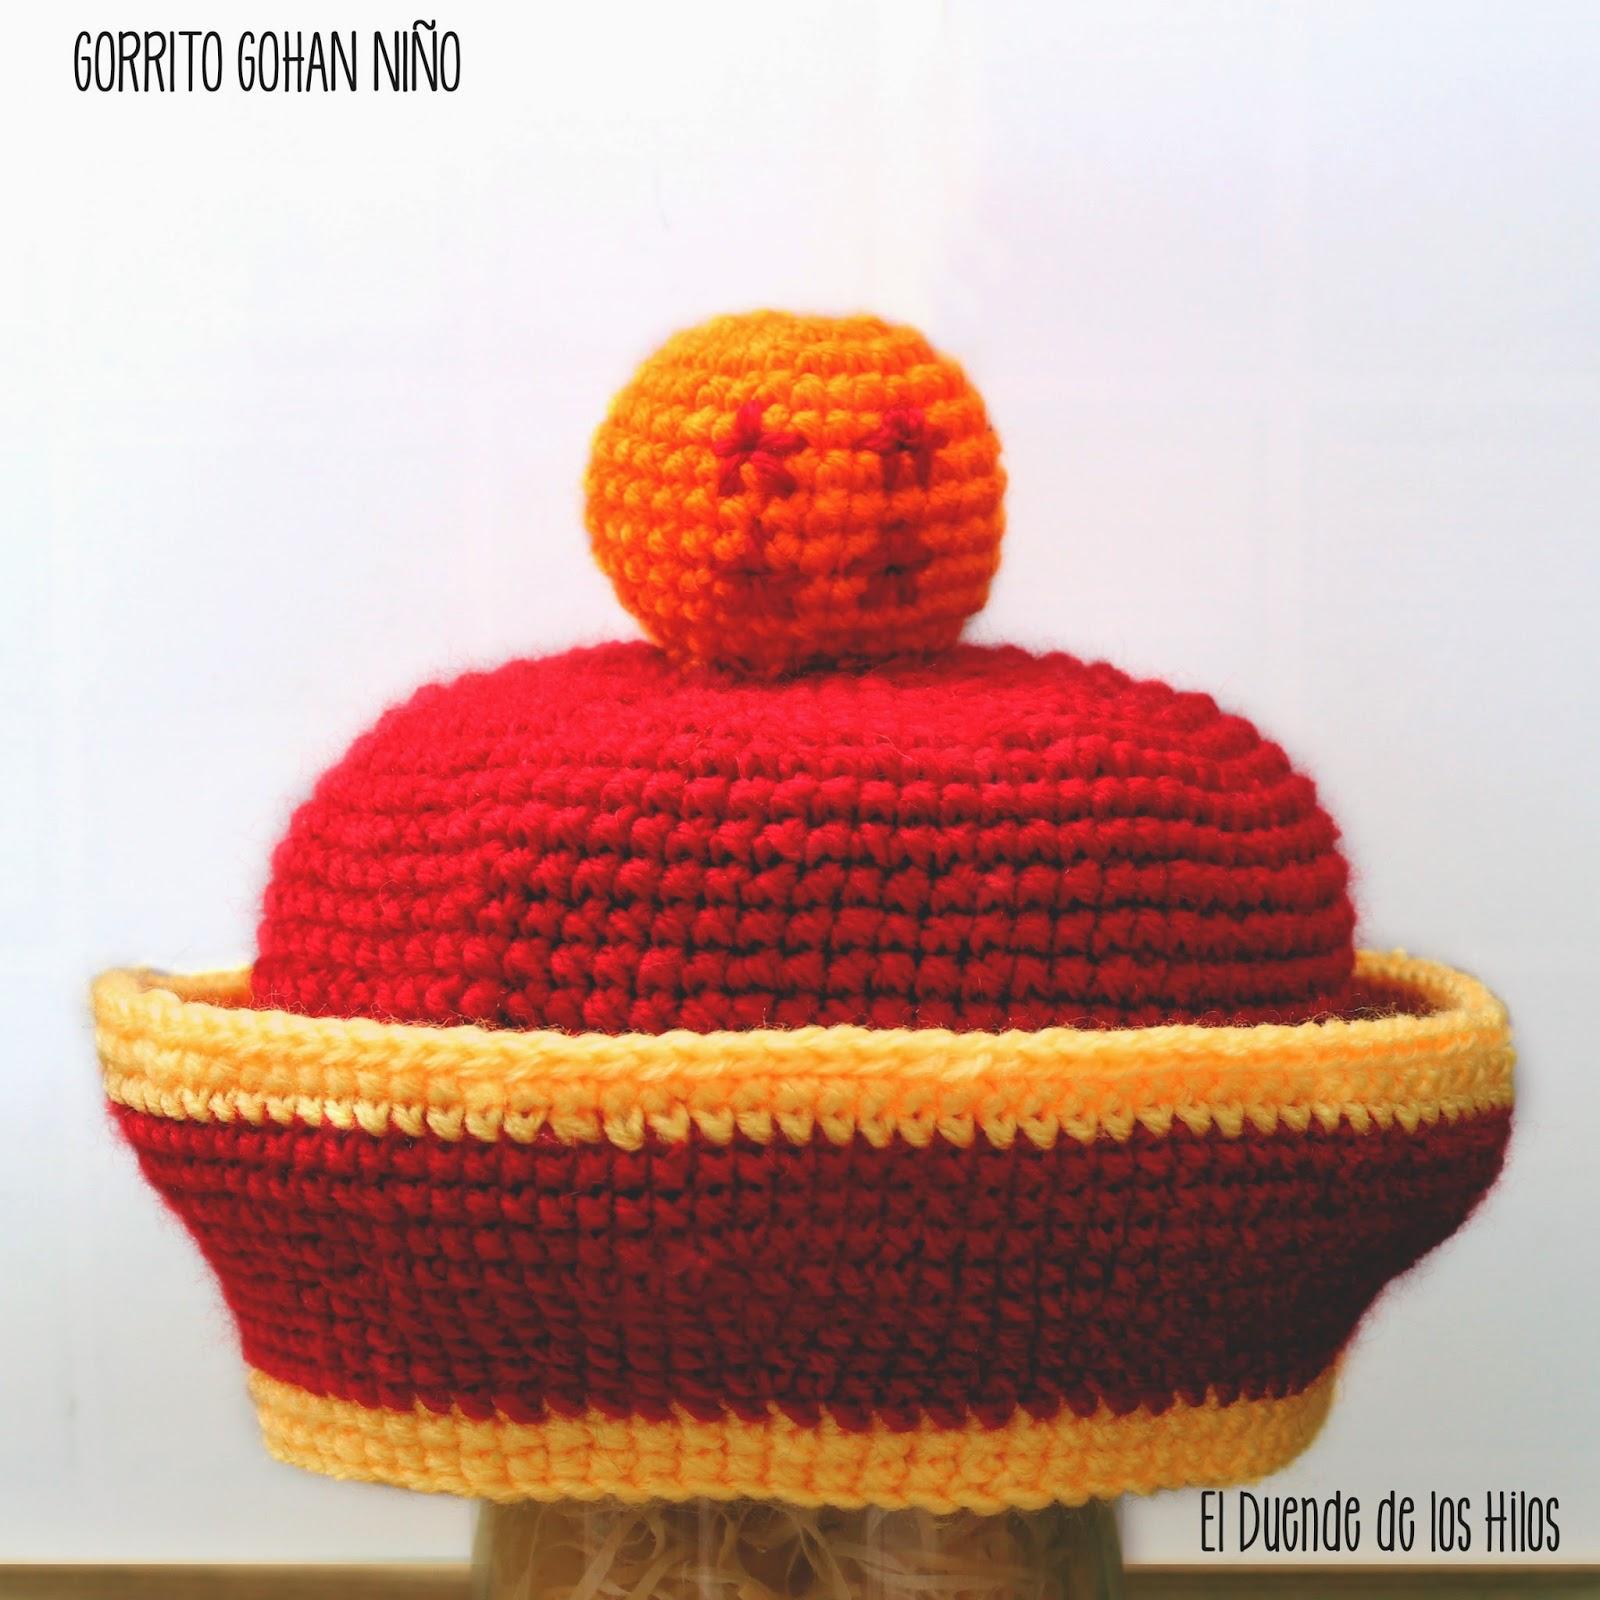 Gorrito de Gohan (Bebé) – Amigurumi Duende de los Hilos